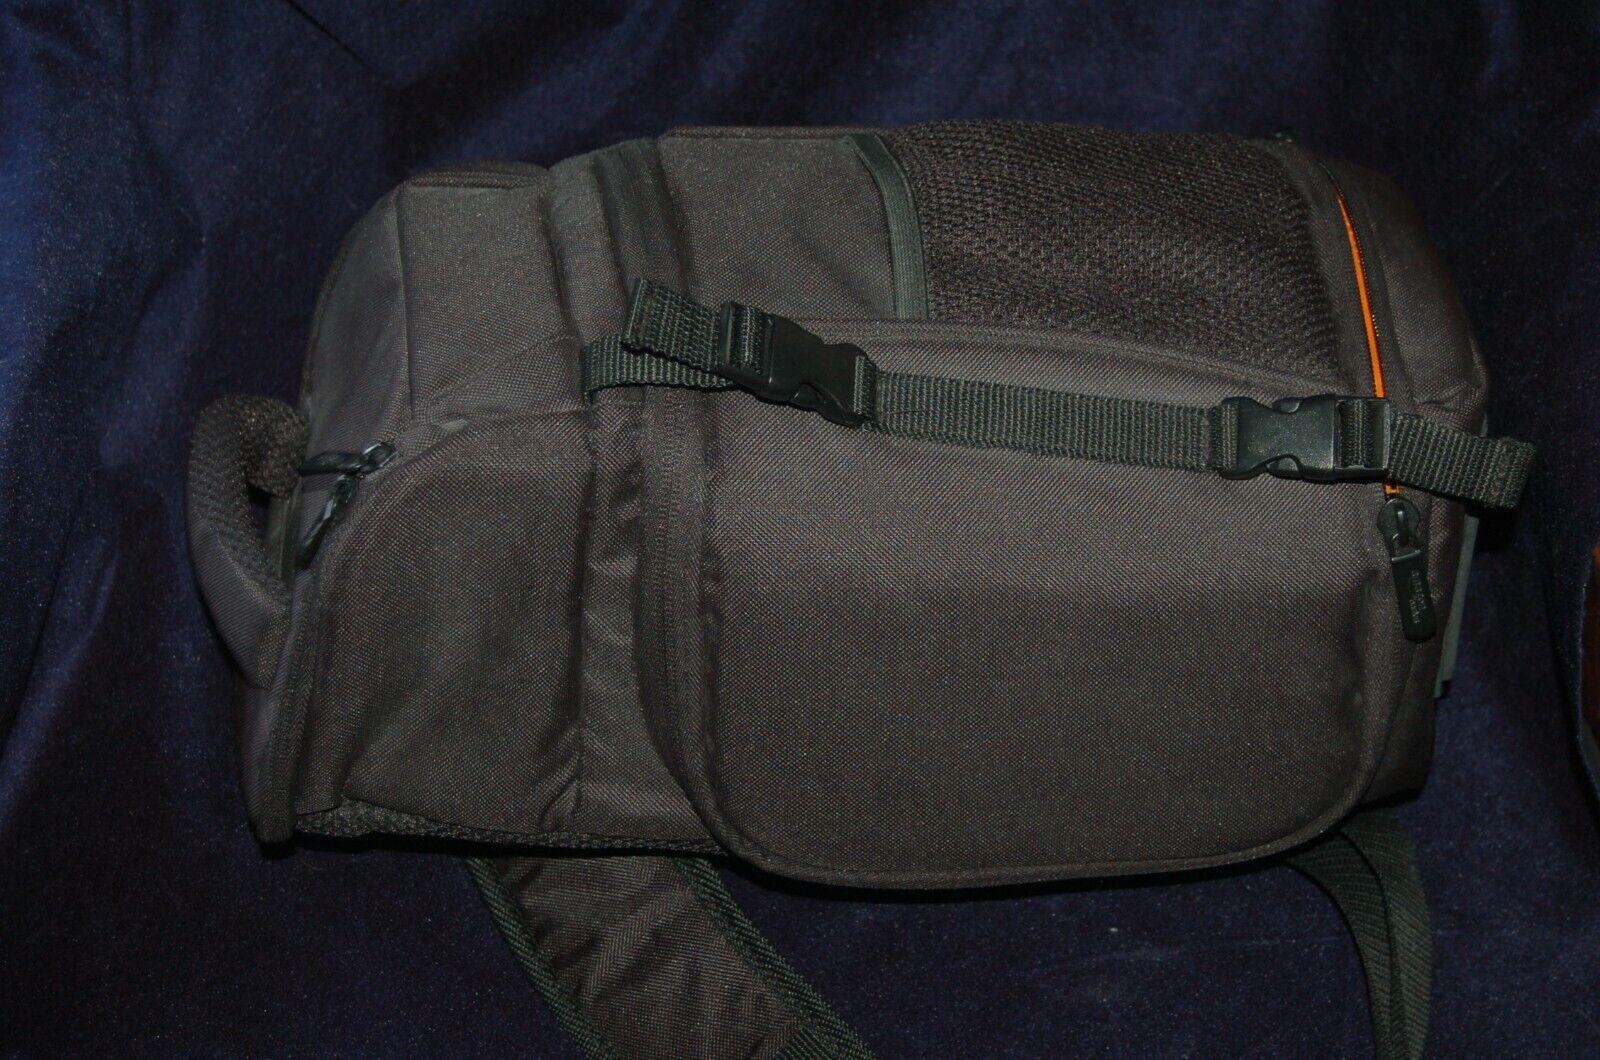 Camera Bag 8 X 7 X 15 - $16.99